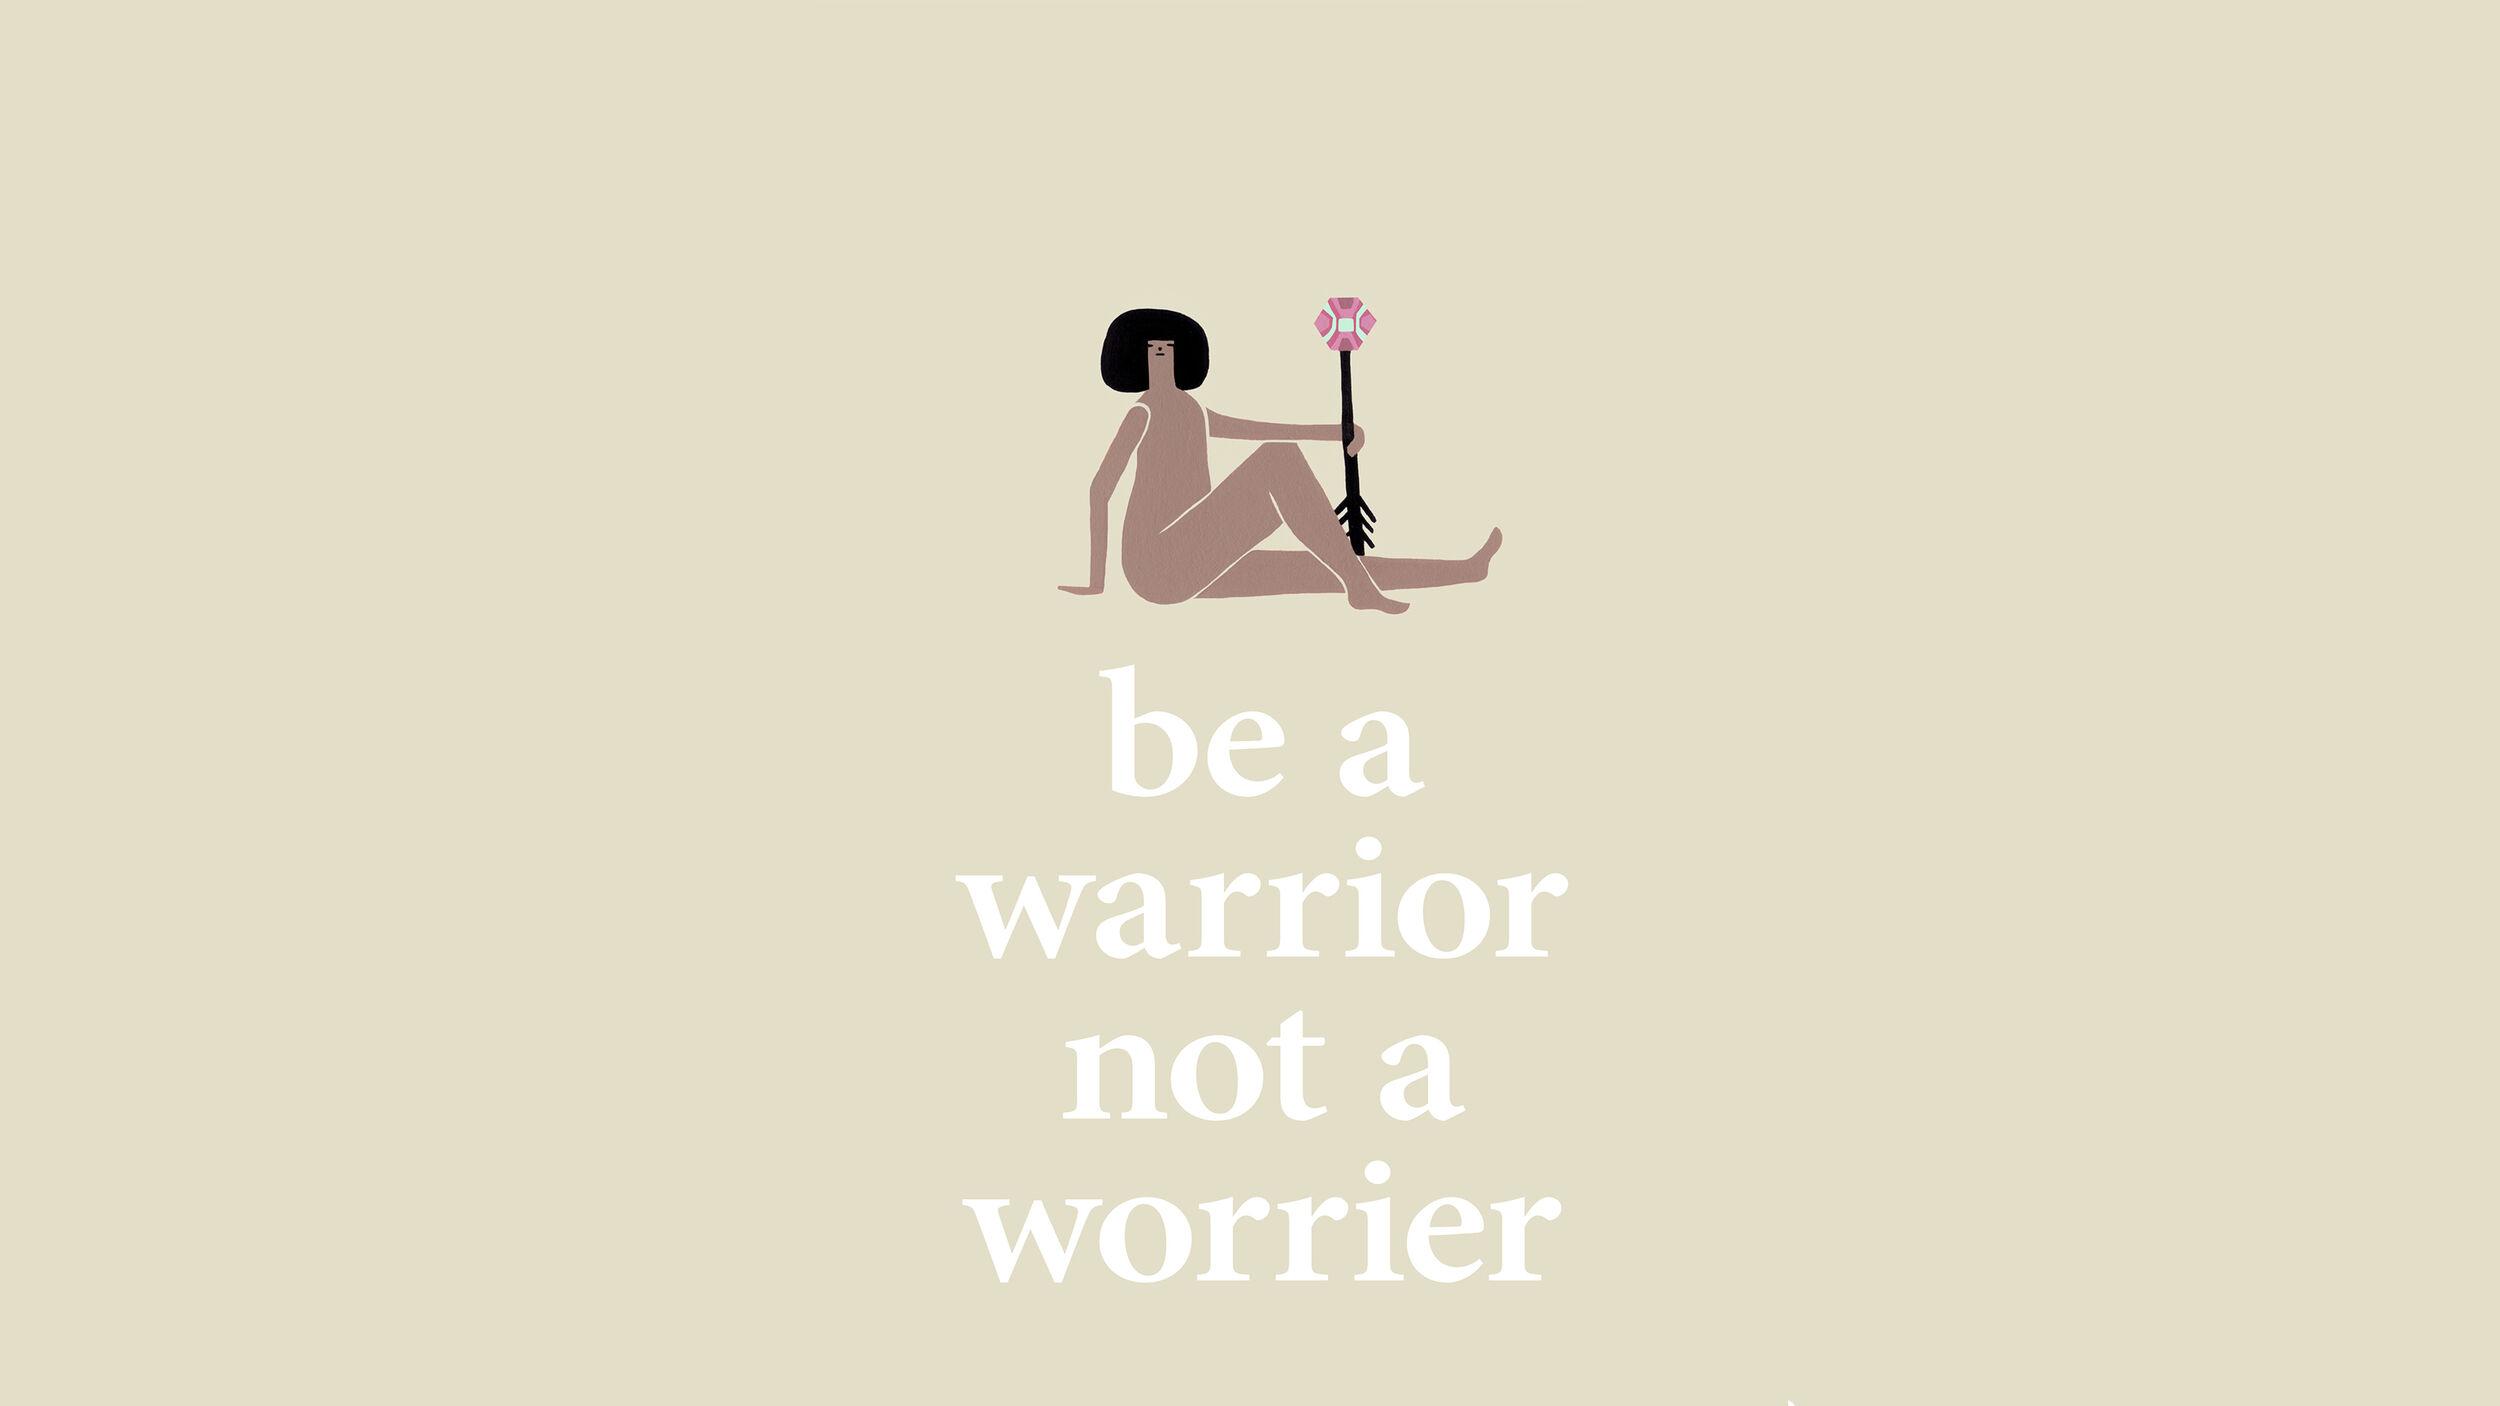 warrior desktop wallpaper